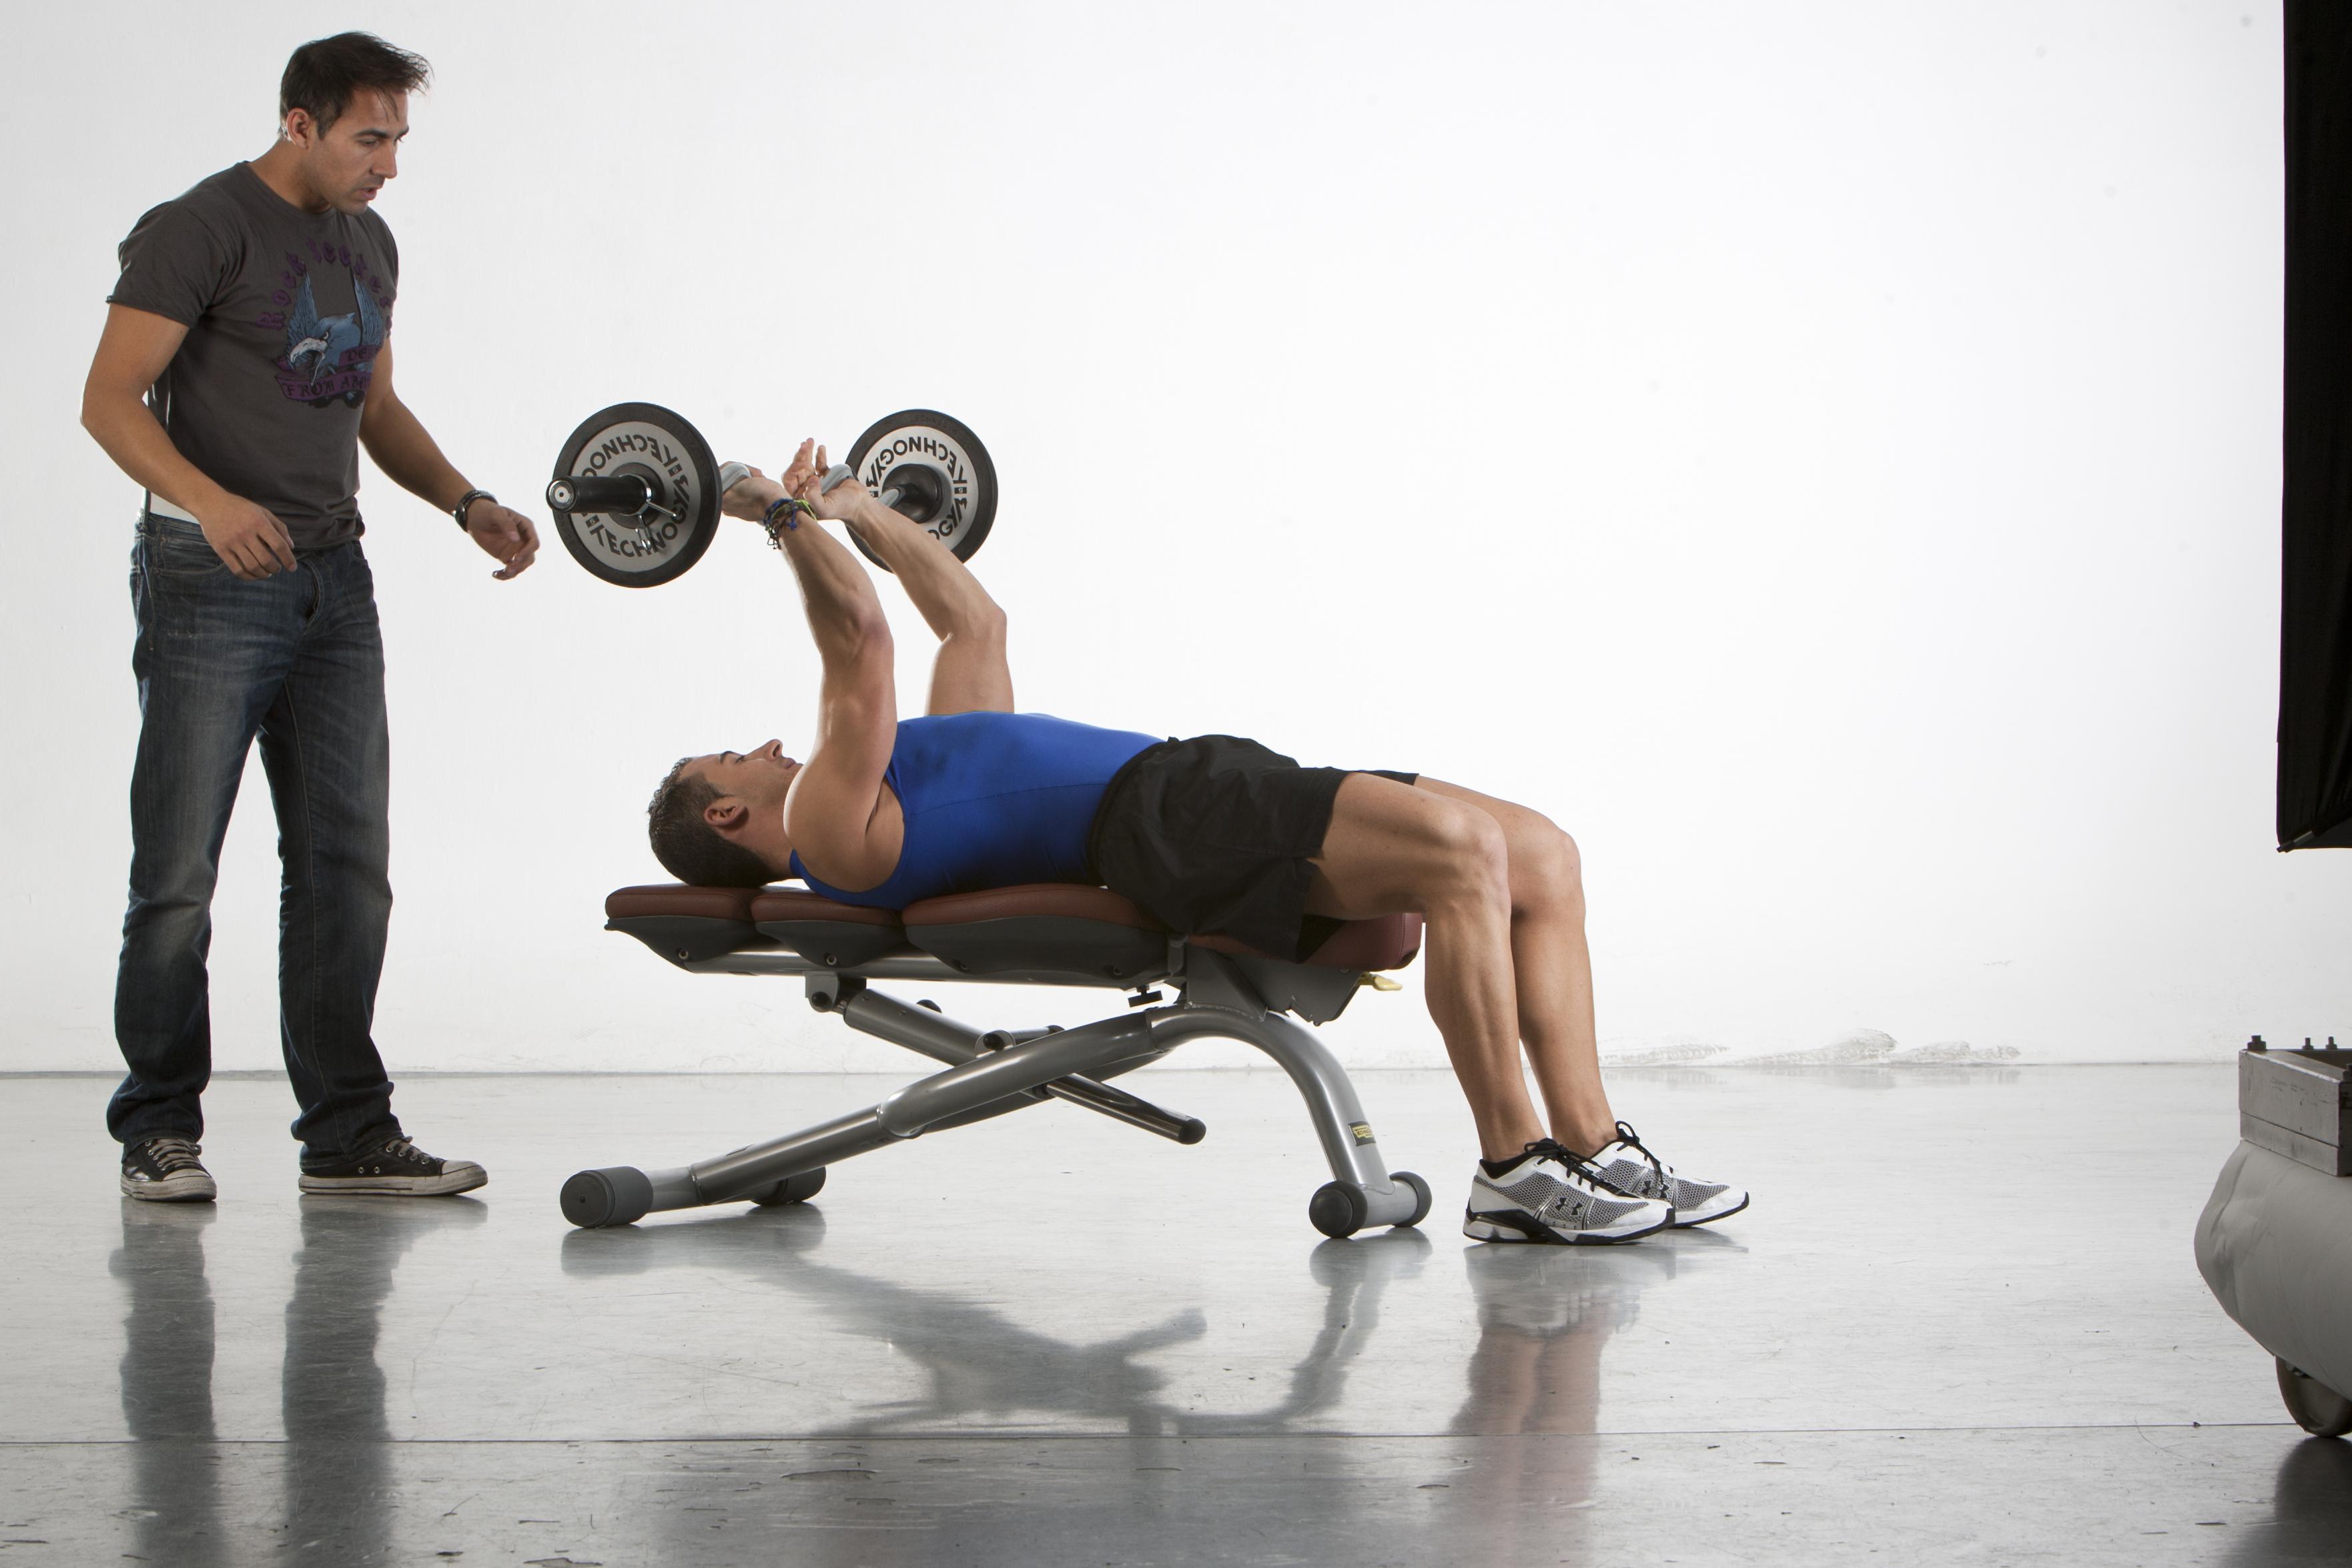 ¿Sabes cómo aumentar las cargas cuando haces musculación?